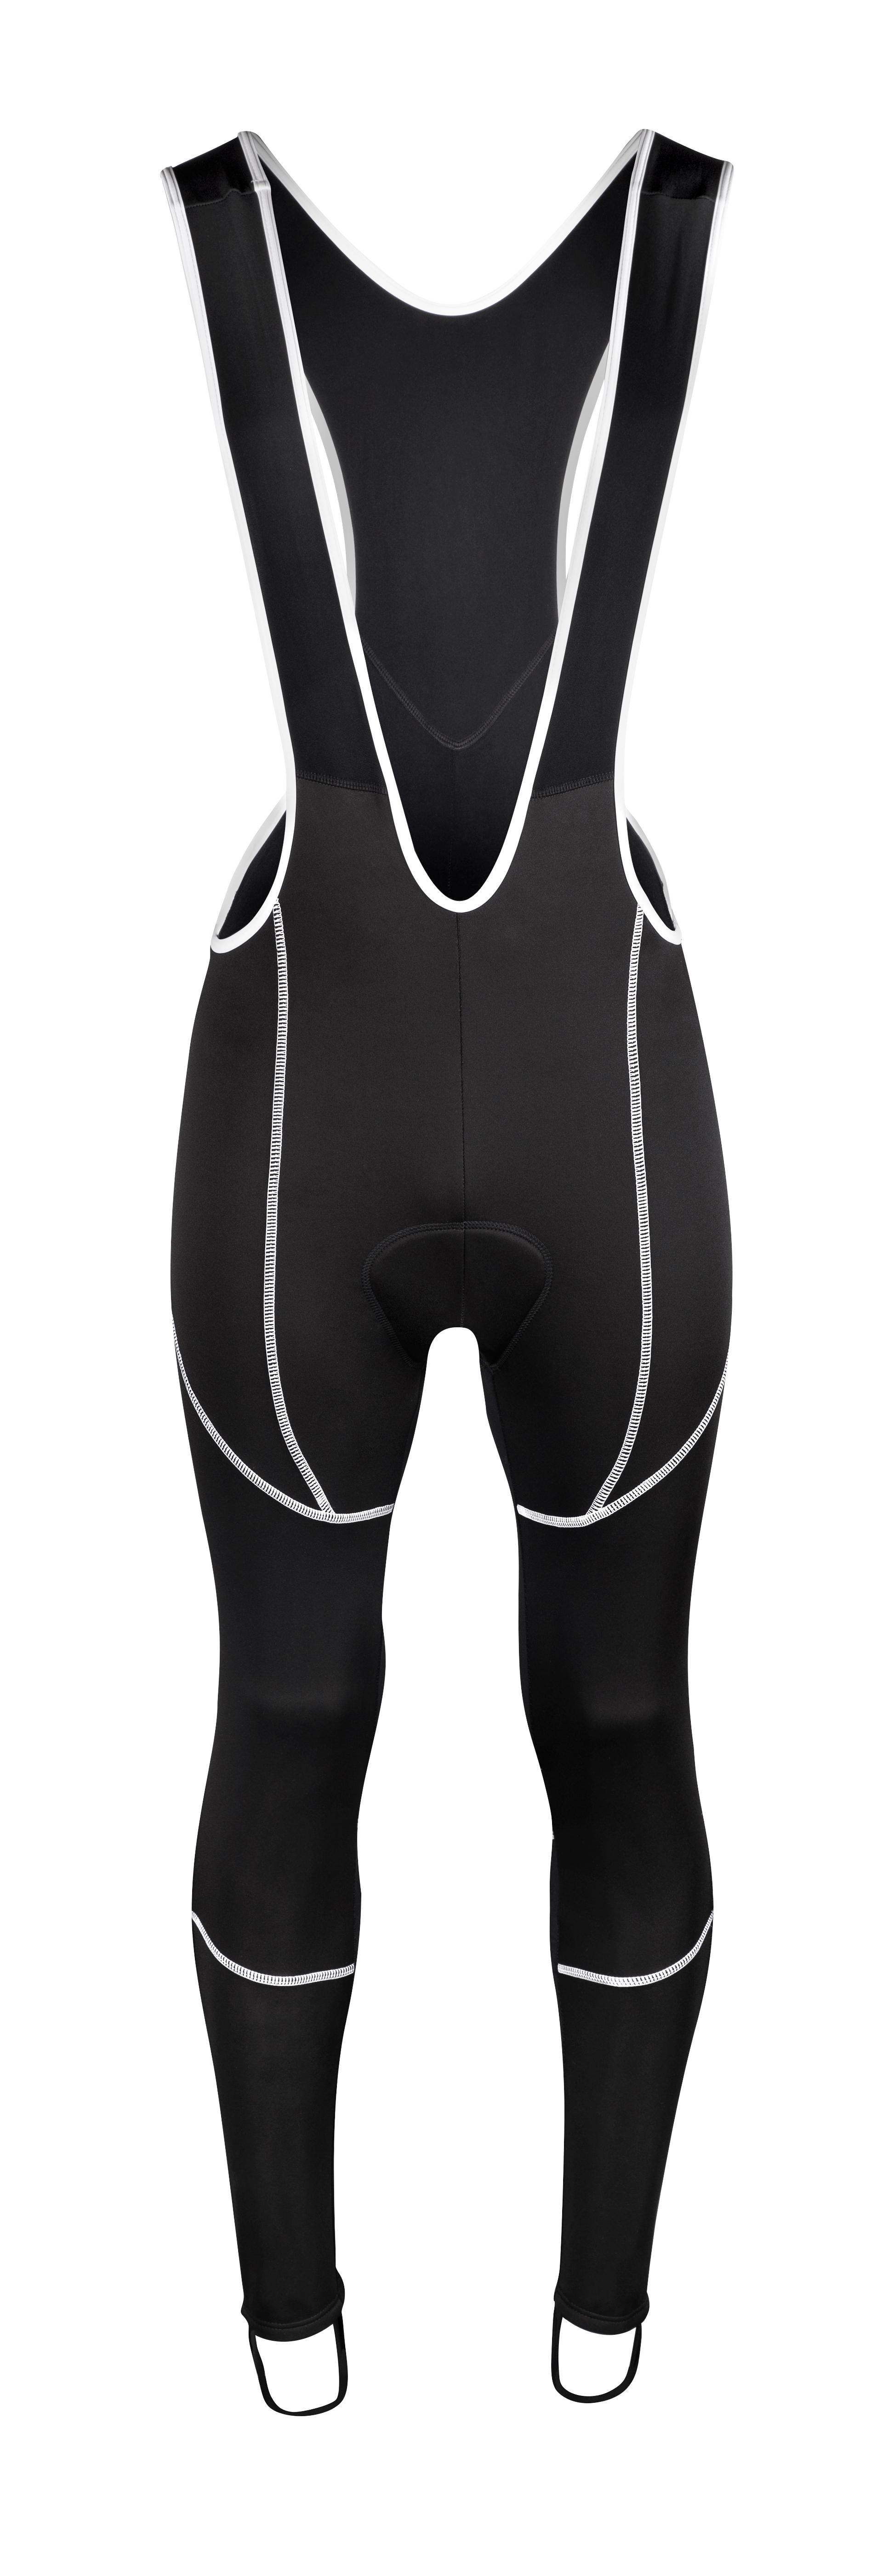 kalhoty F Z70 SOFTSHELL se šráky s vložkou XS